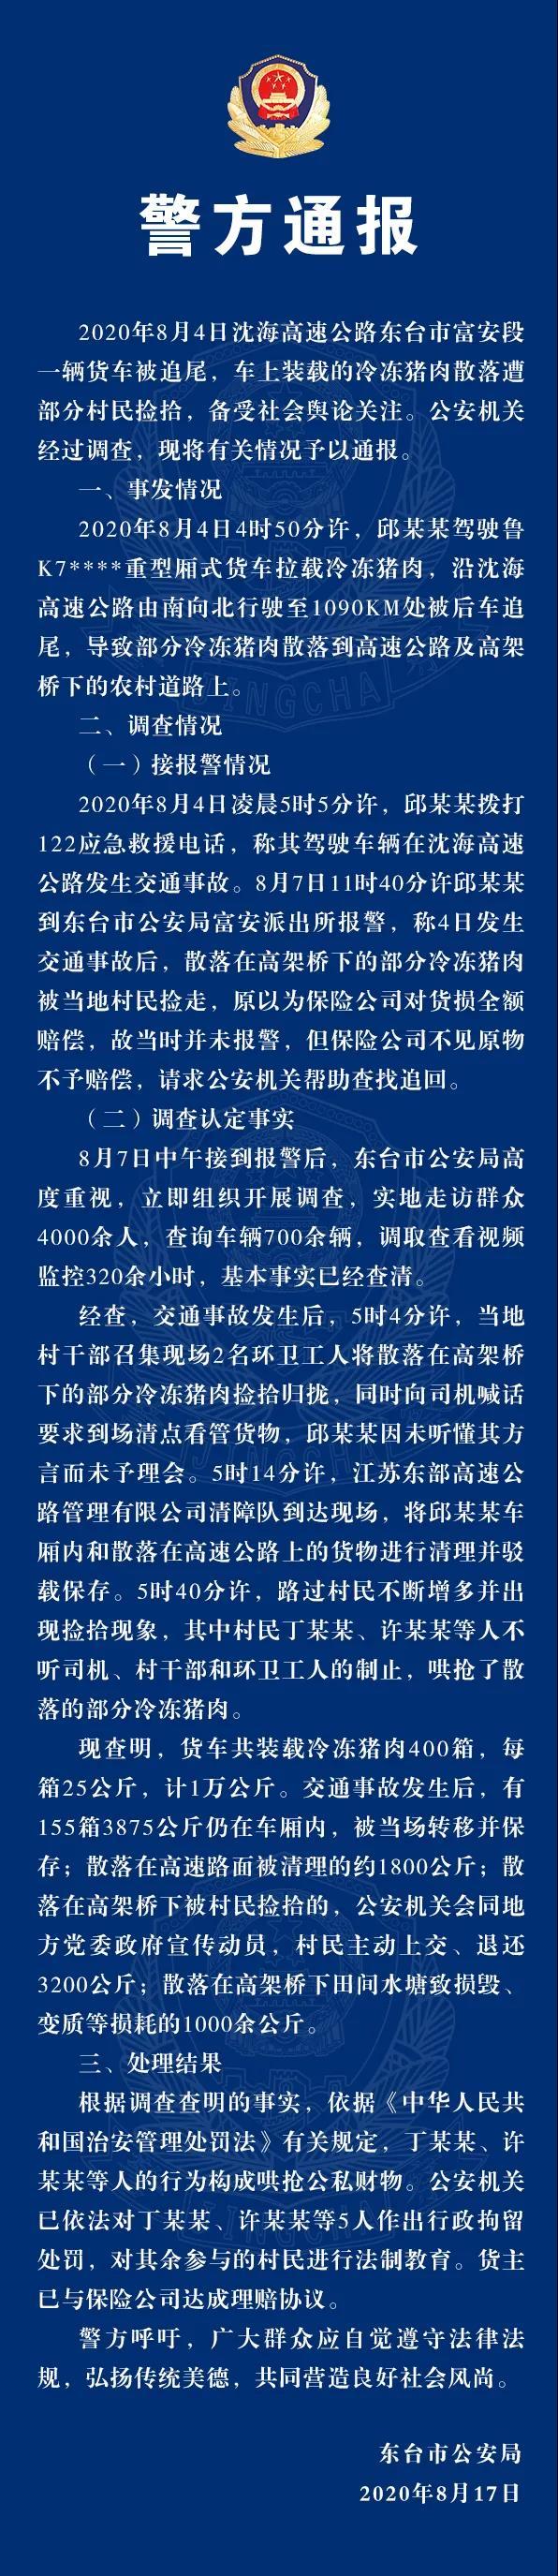 """江苏东台警方通报""""交通事故后猪肉遭哄抢"""":5人被行拘"""